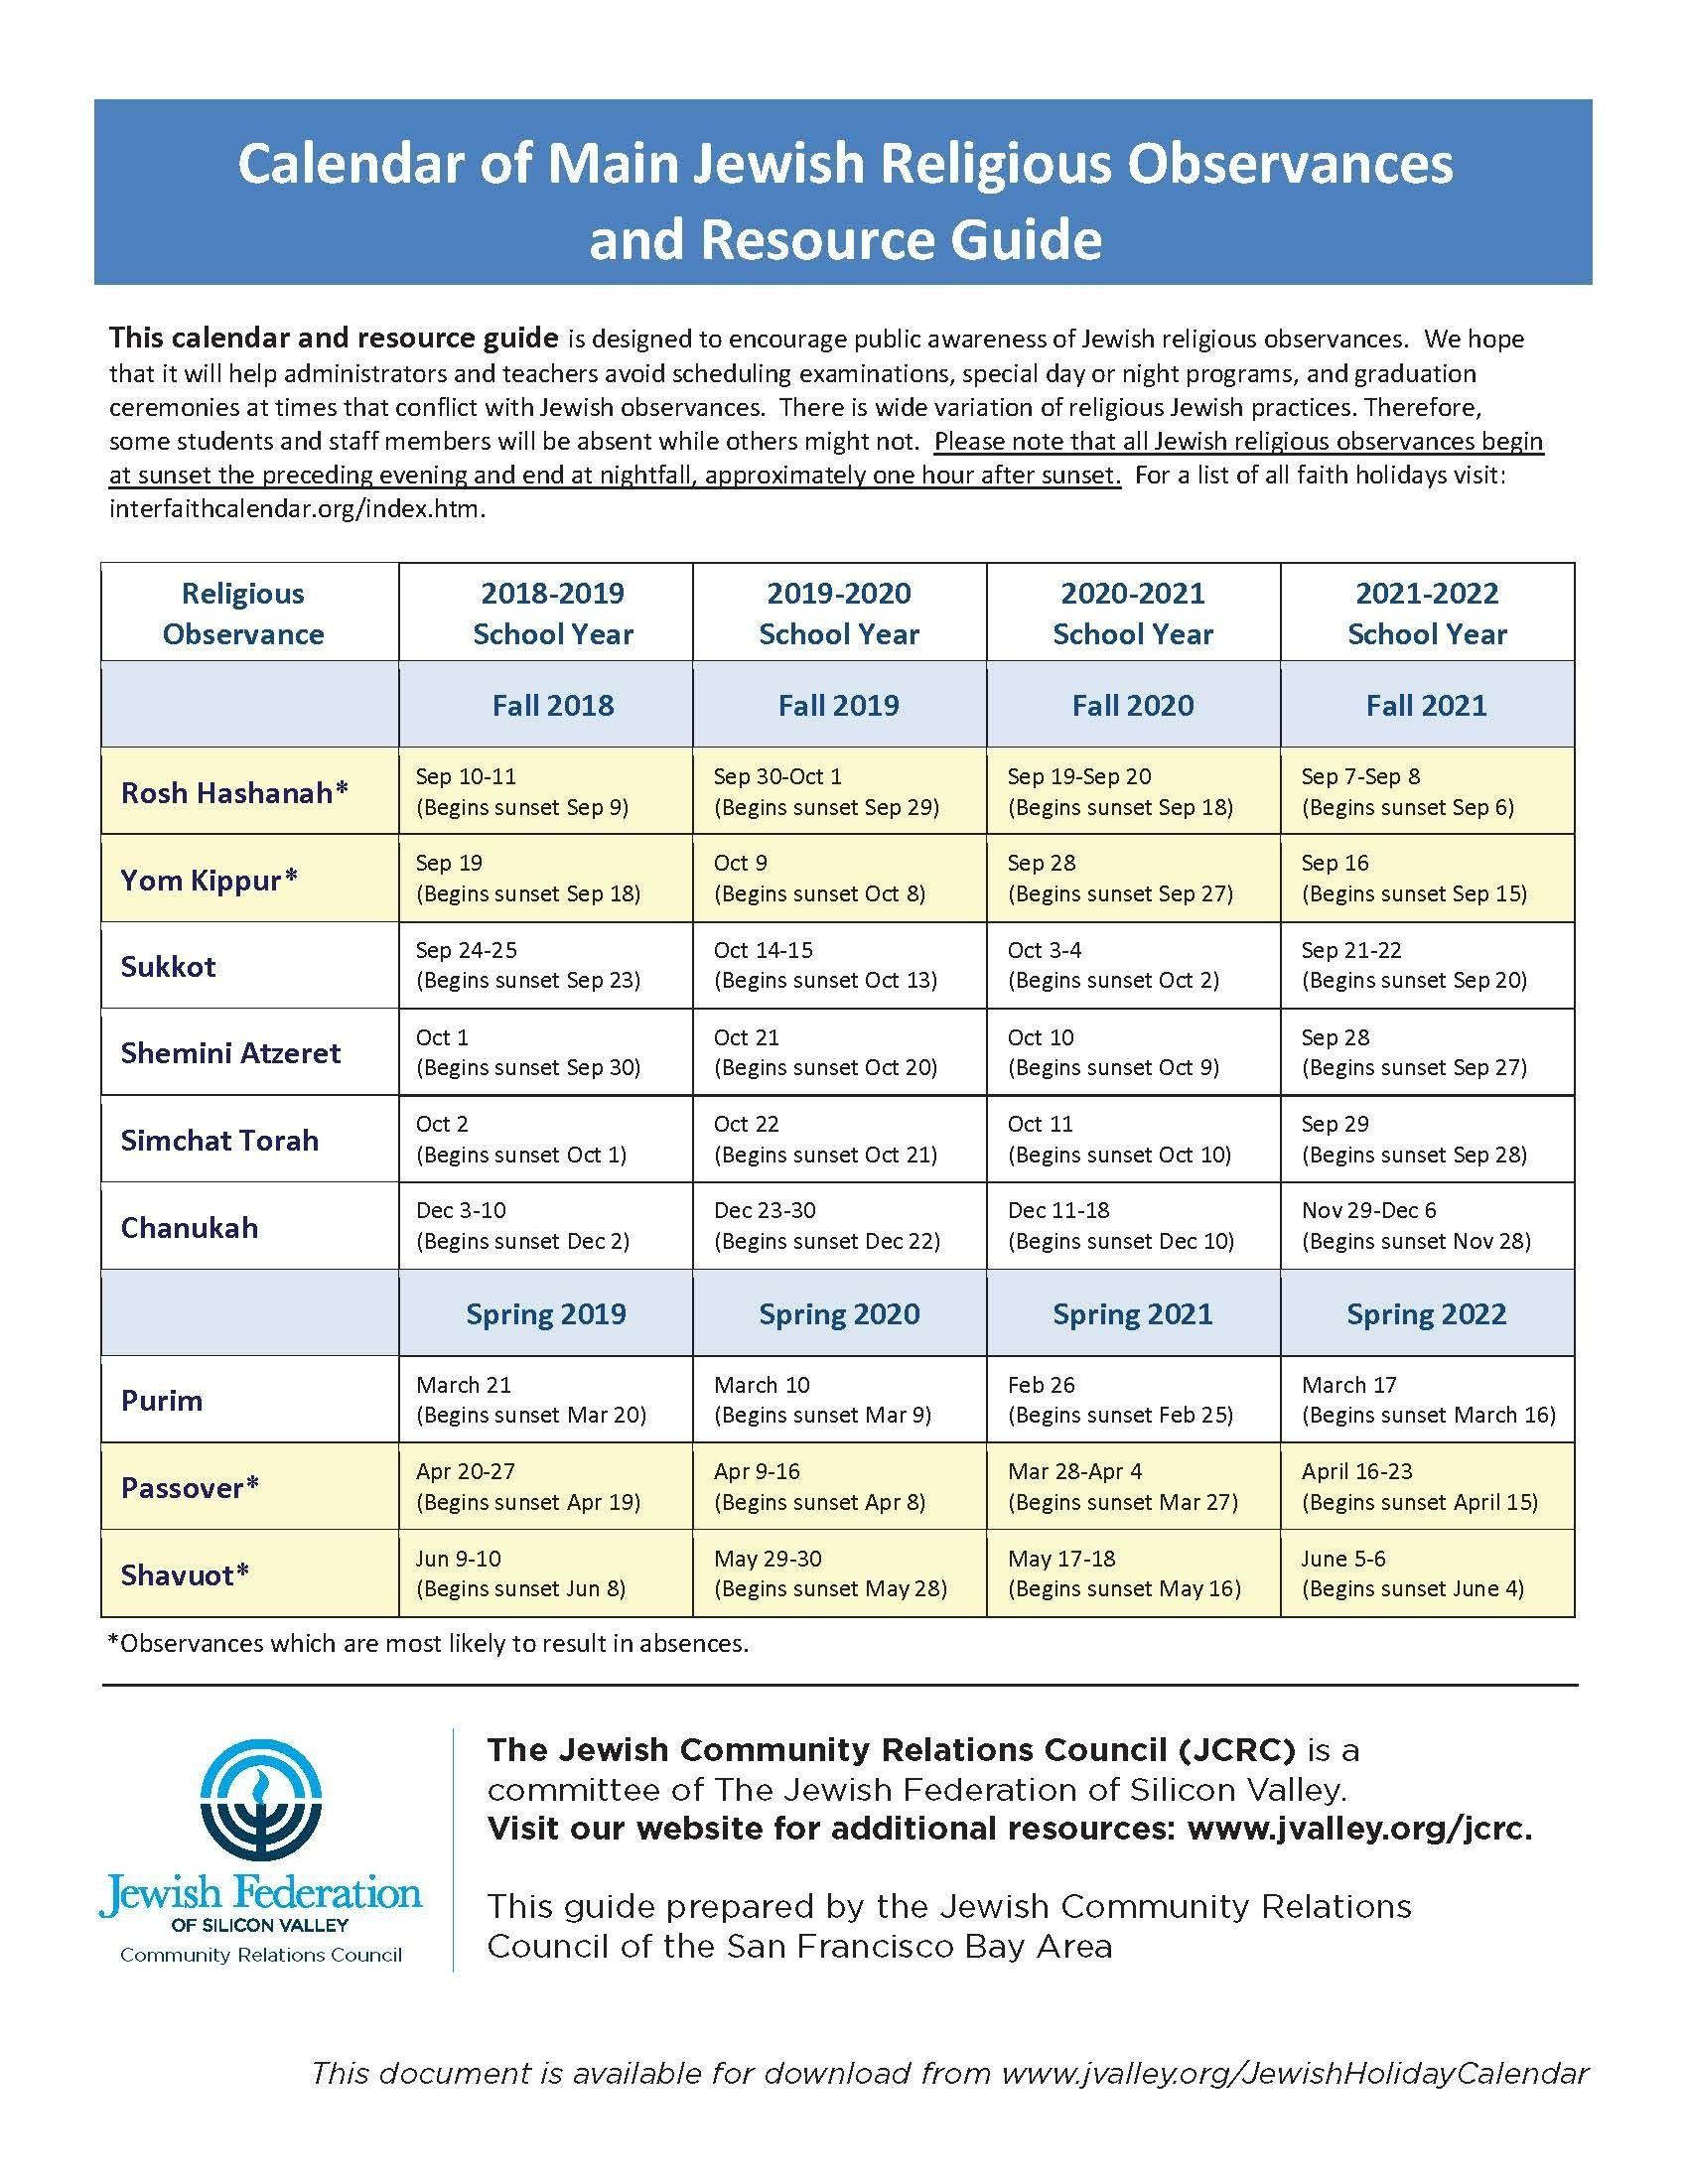 Jewish Holidays Calendar 2022.Incredible 2020 Calendar With Jewish Holidays Jewish Calendar Jewish Holidays Calendar